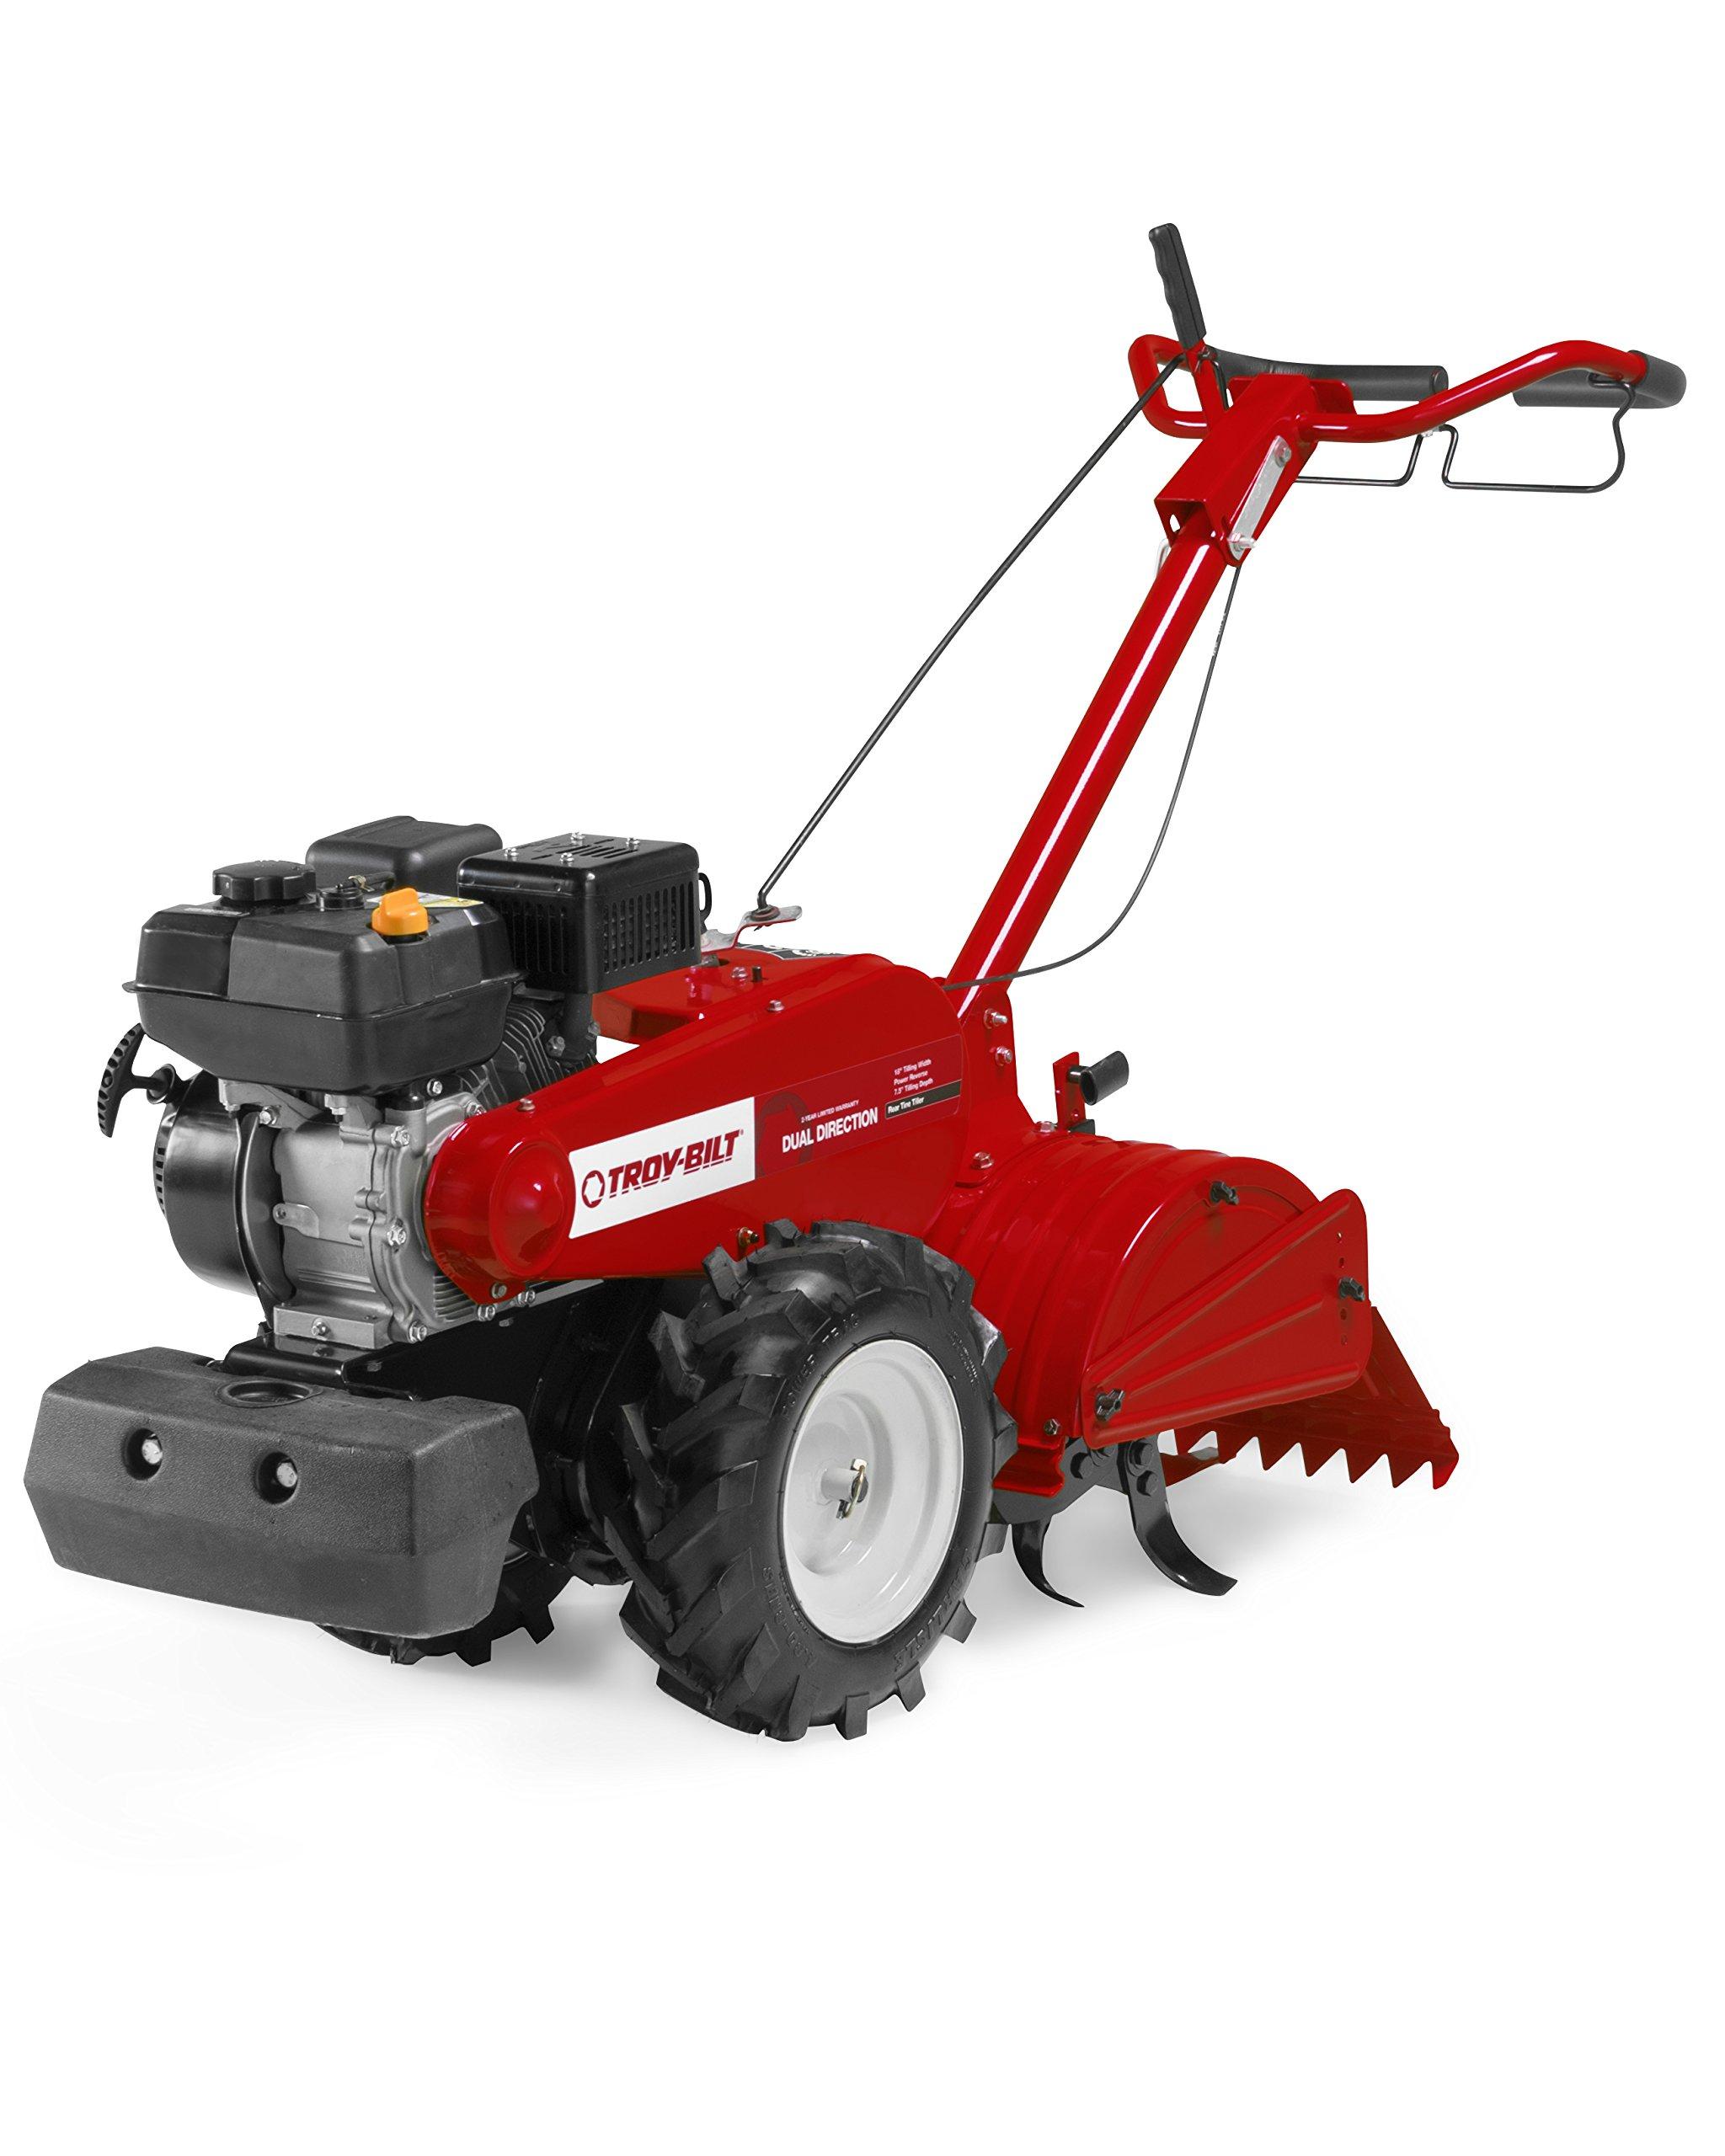 Troy-Bilt 21AB45M8766 450 Series Tiller Cultivator, Red